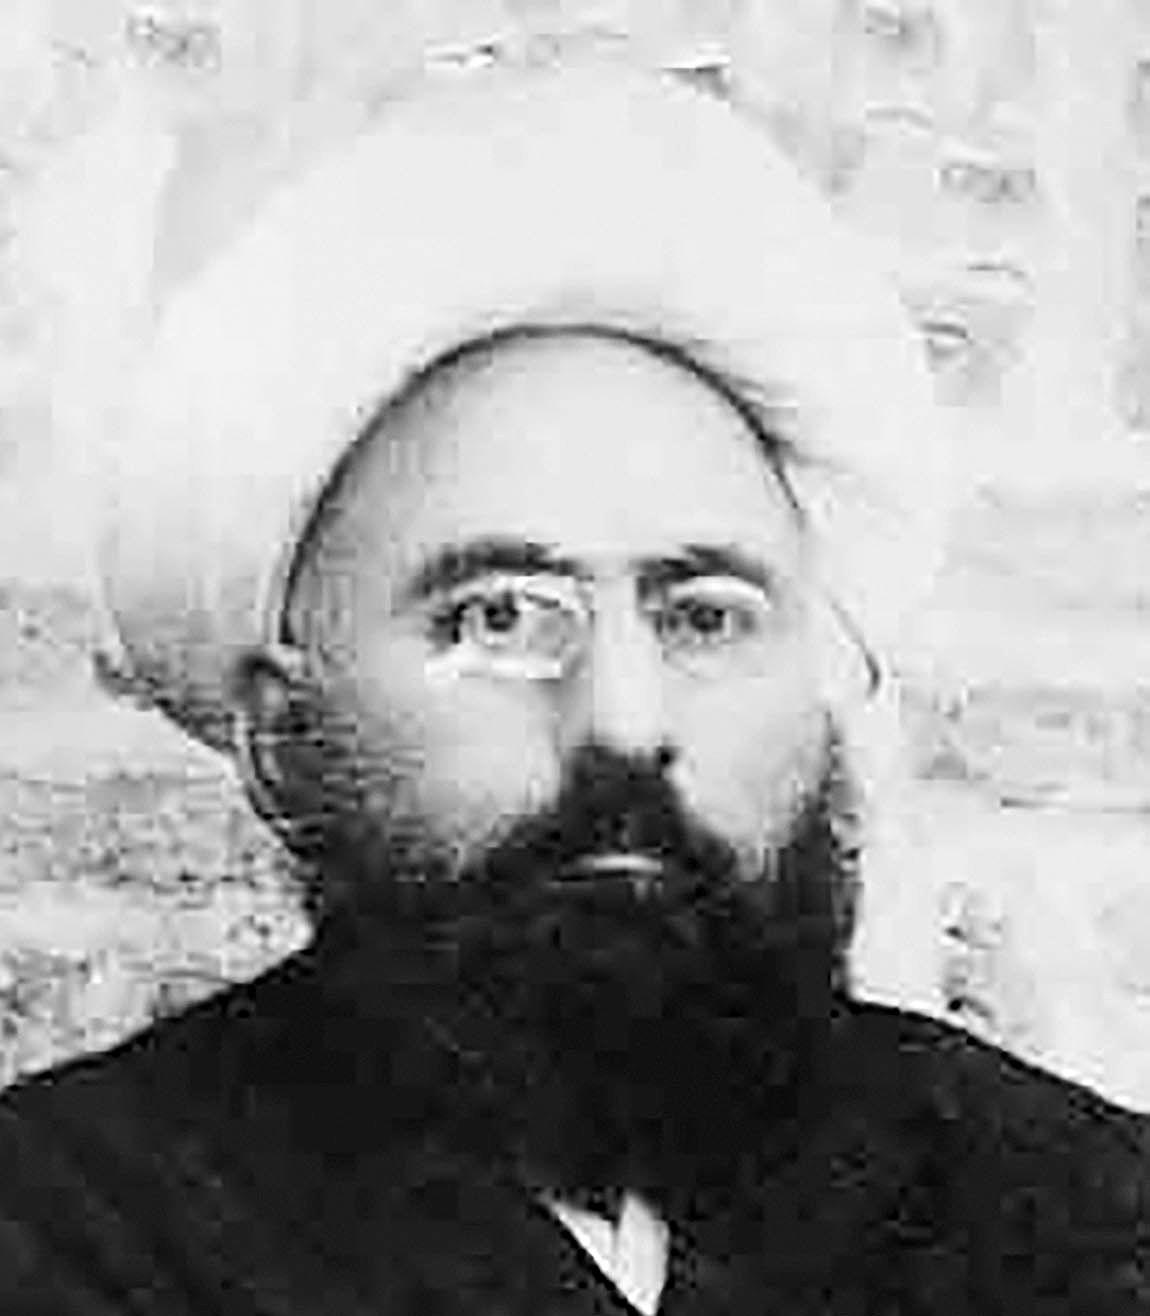 ثقهالاسلام؛ شهید مشروطه